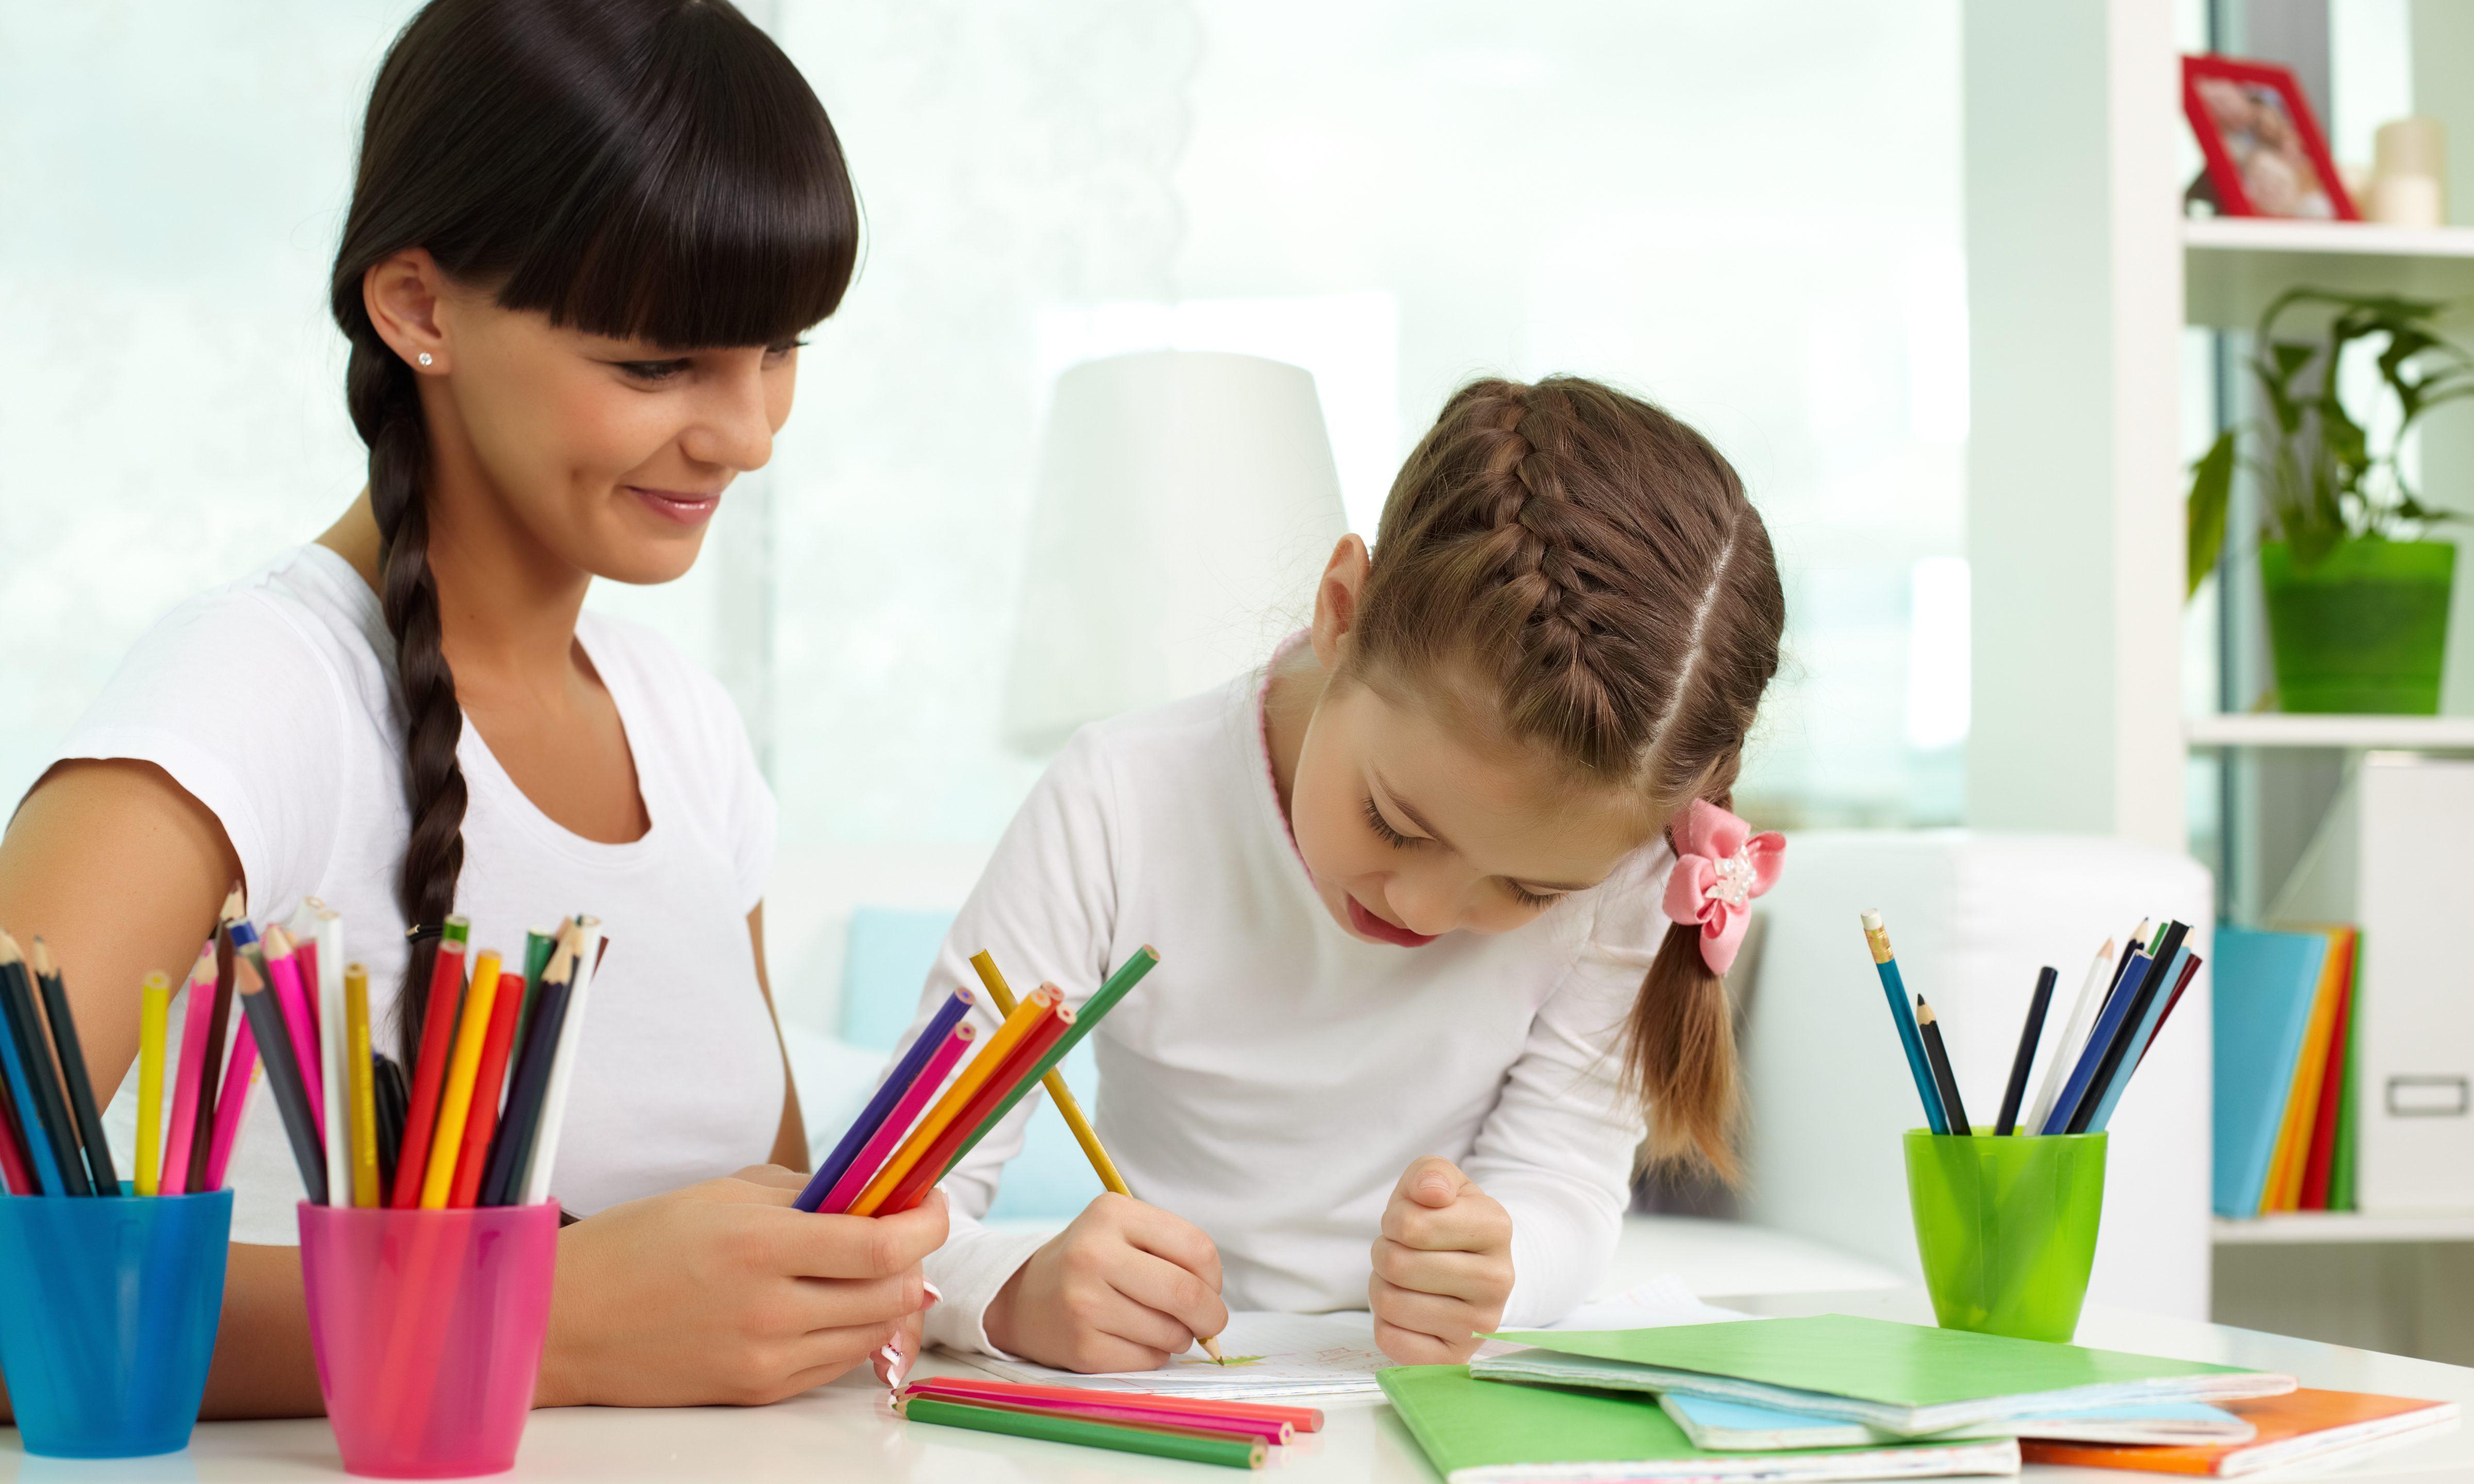 Ir para a escola – Literacia e numeracia (parte 4)